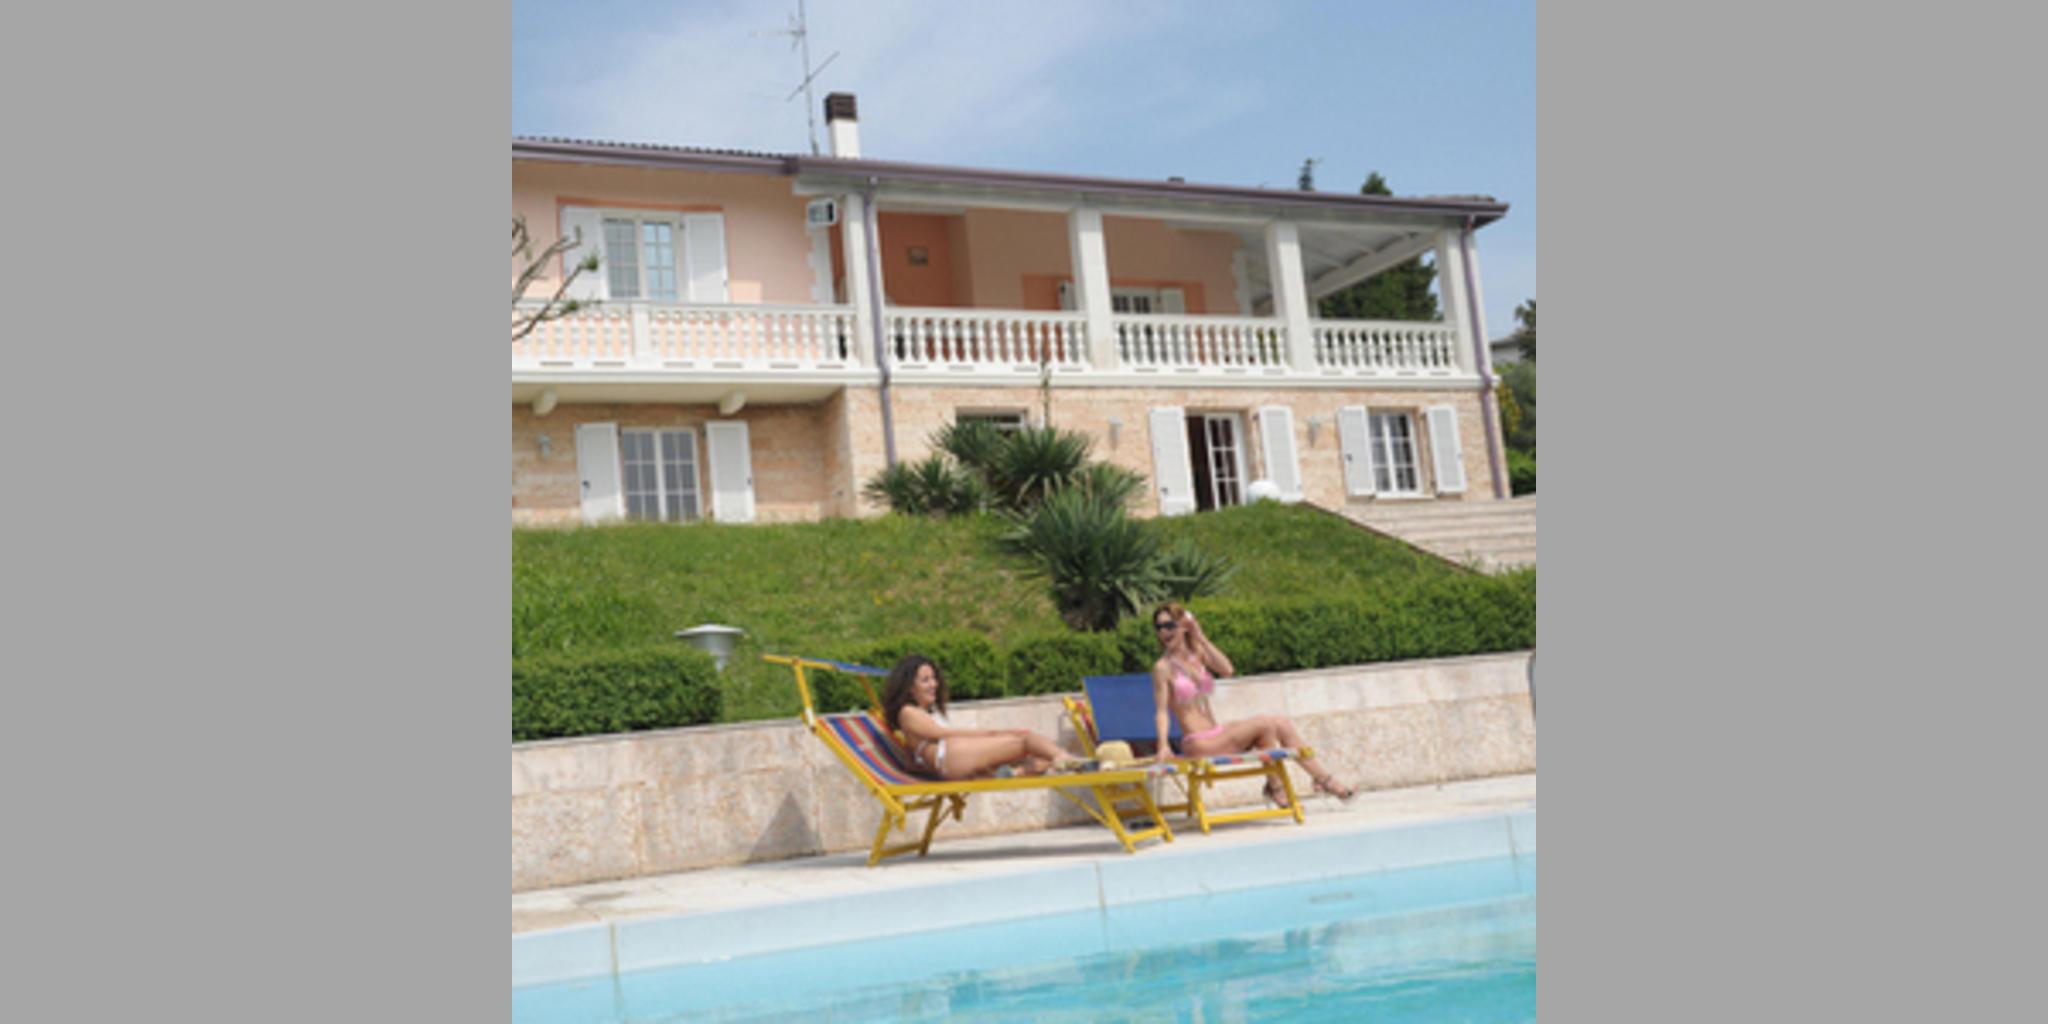 Bed & Breakfast San Martino Buon Albergo - A 9 Km Dall'arena Di Verona